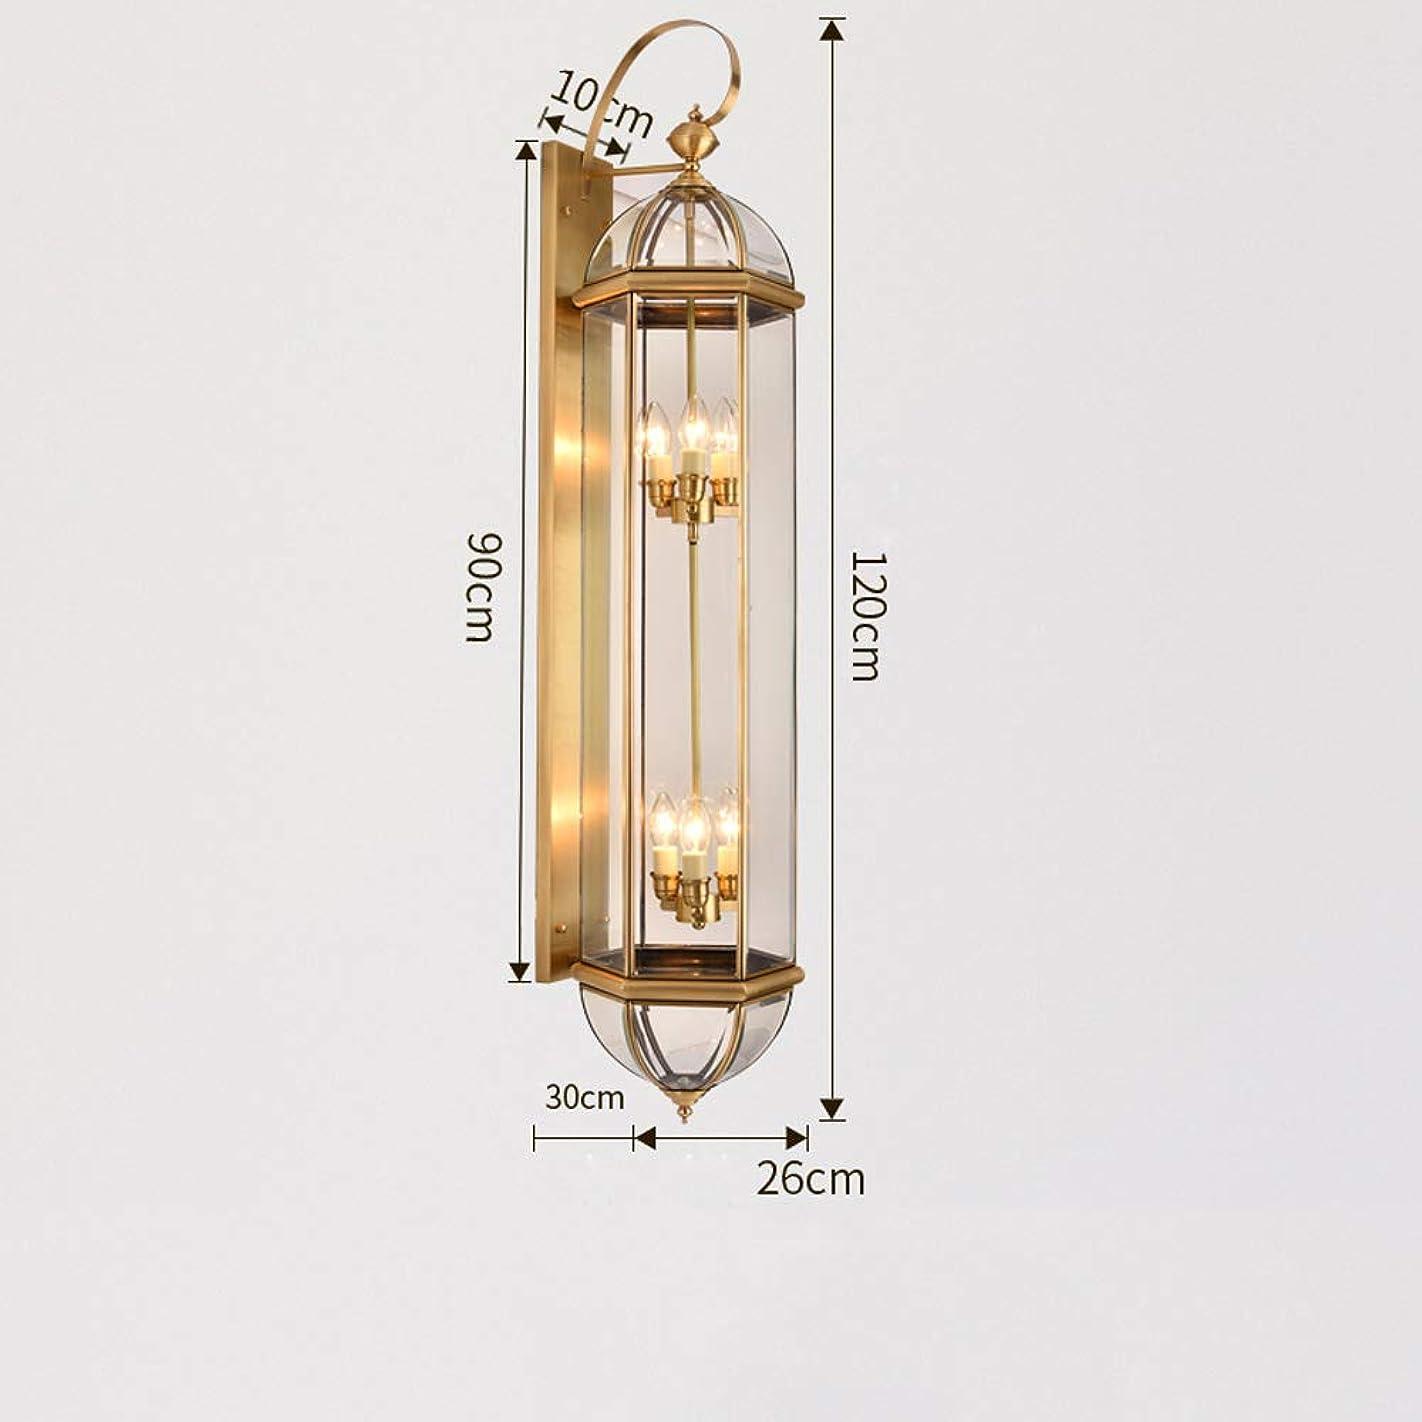 星ピカソ負荷現代のヨーロッパのバルコニーライト屋外の壁ランプ銅ランプ屋外の防水屋外の壁ランプレトロホーム装飾E14 / E27の壁ライト (Color : LP-009)